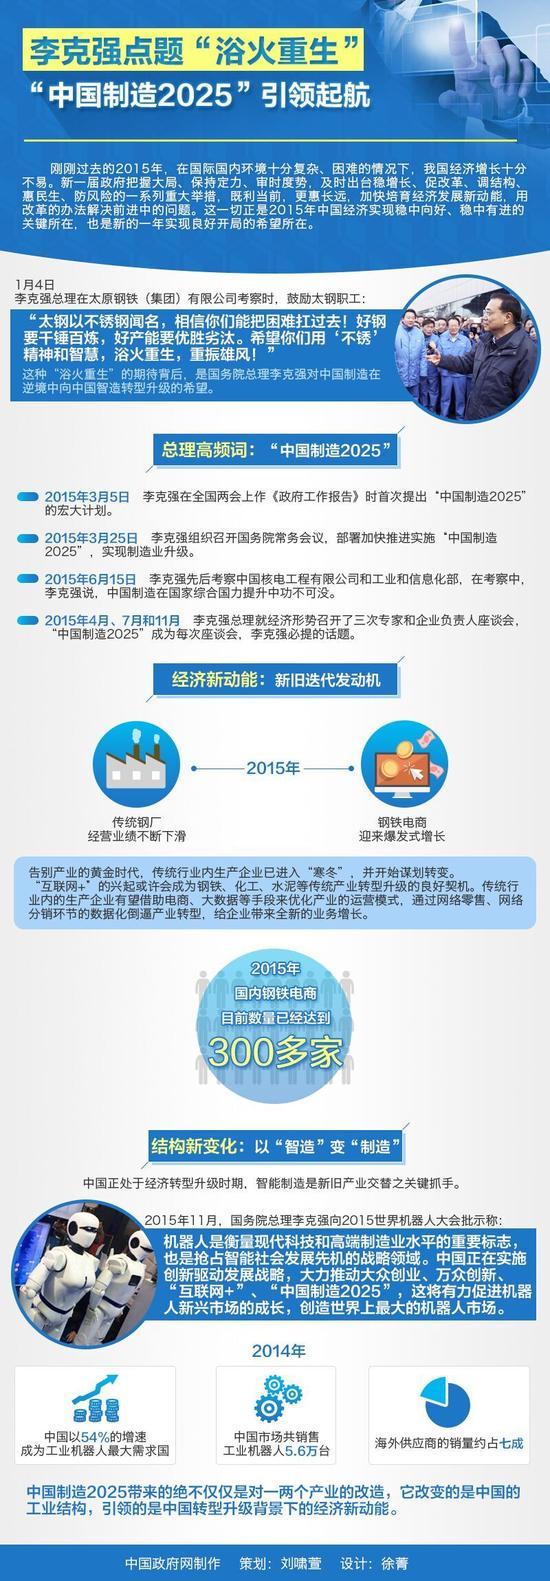 """图解:李克强点题""""浴火重生"""" """"中国制造2025""""引领起航 中国政府网制作"""